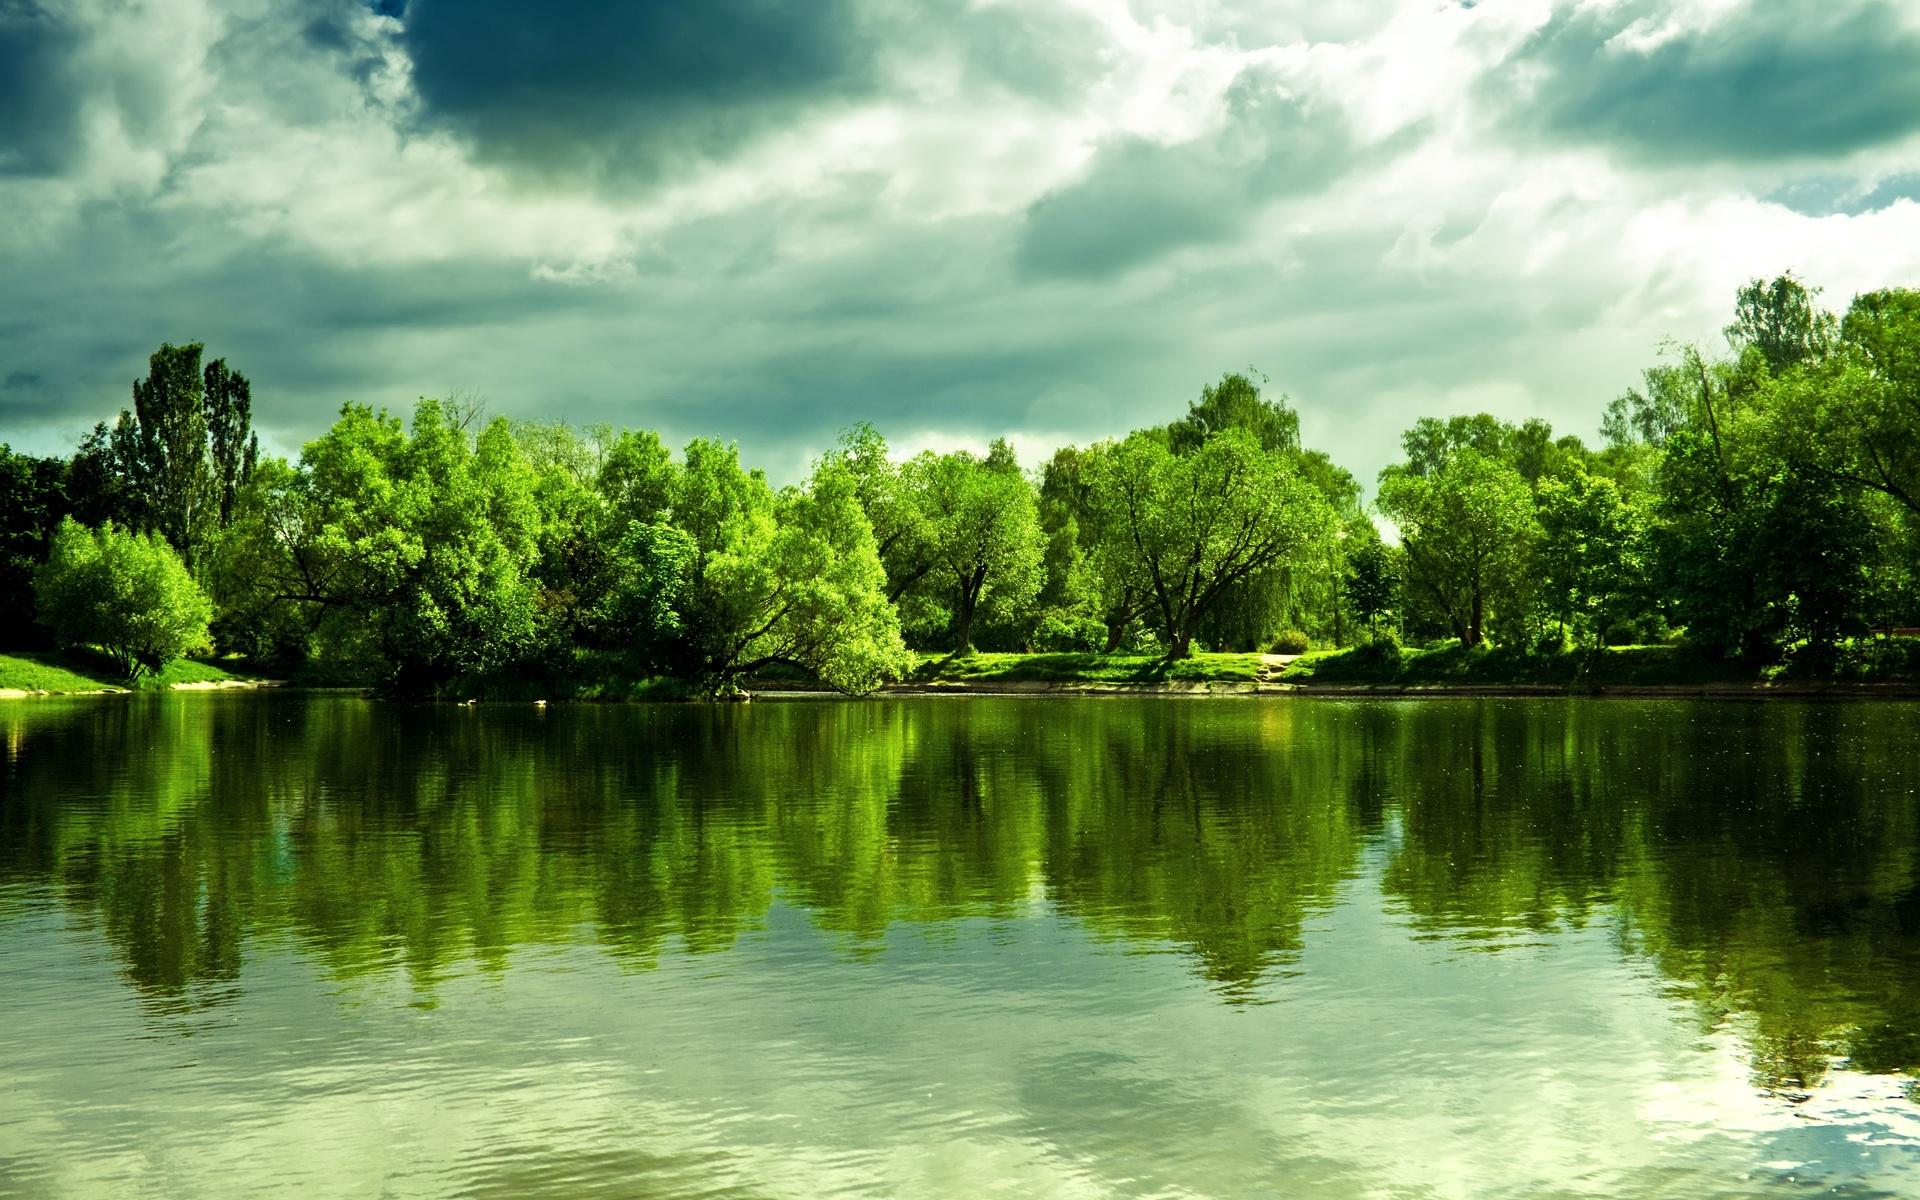 природа, пейзаж, лето, озеро, берег, деревья, облака, отражение